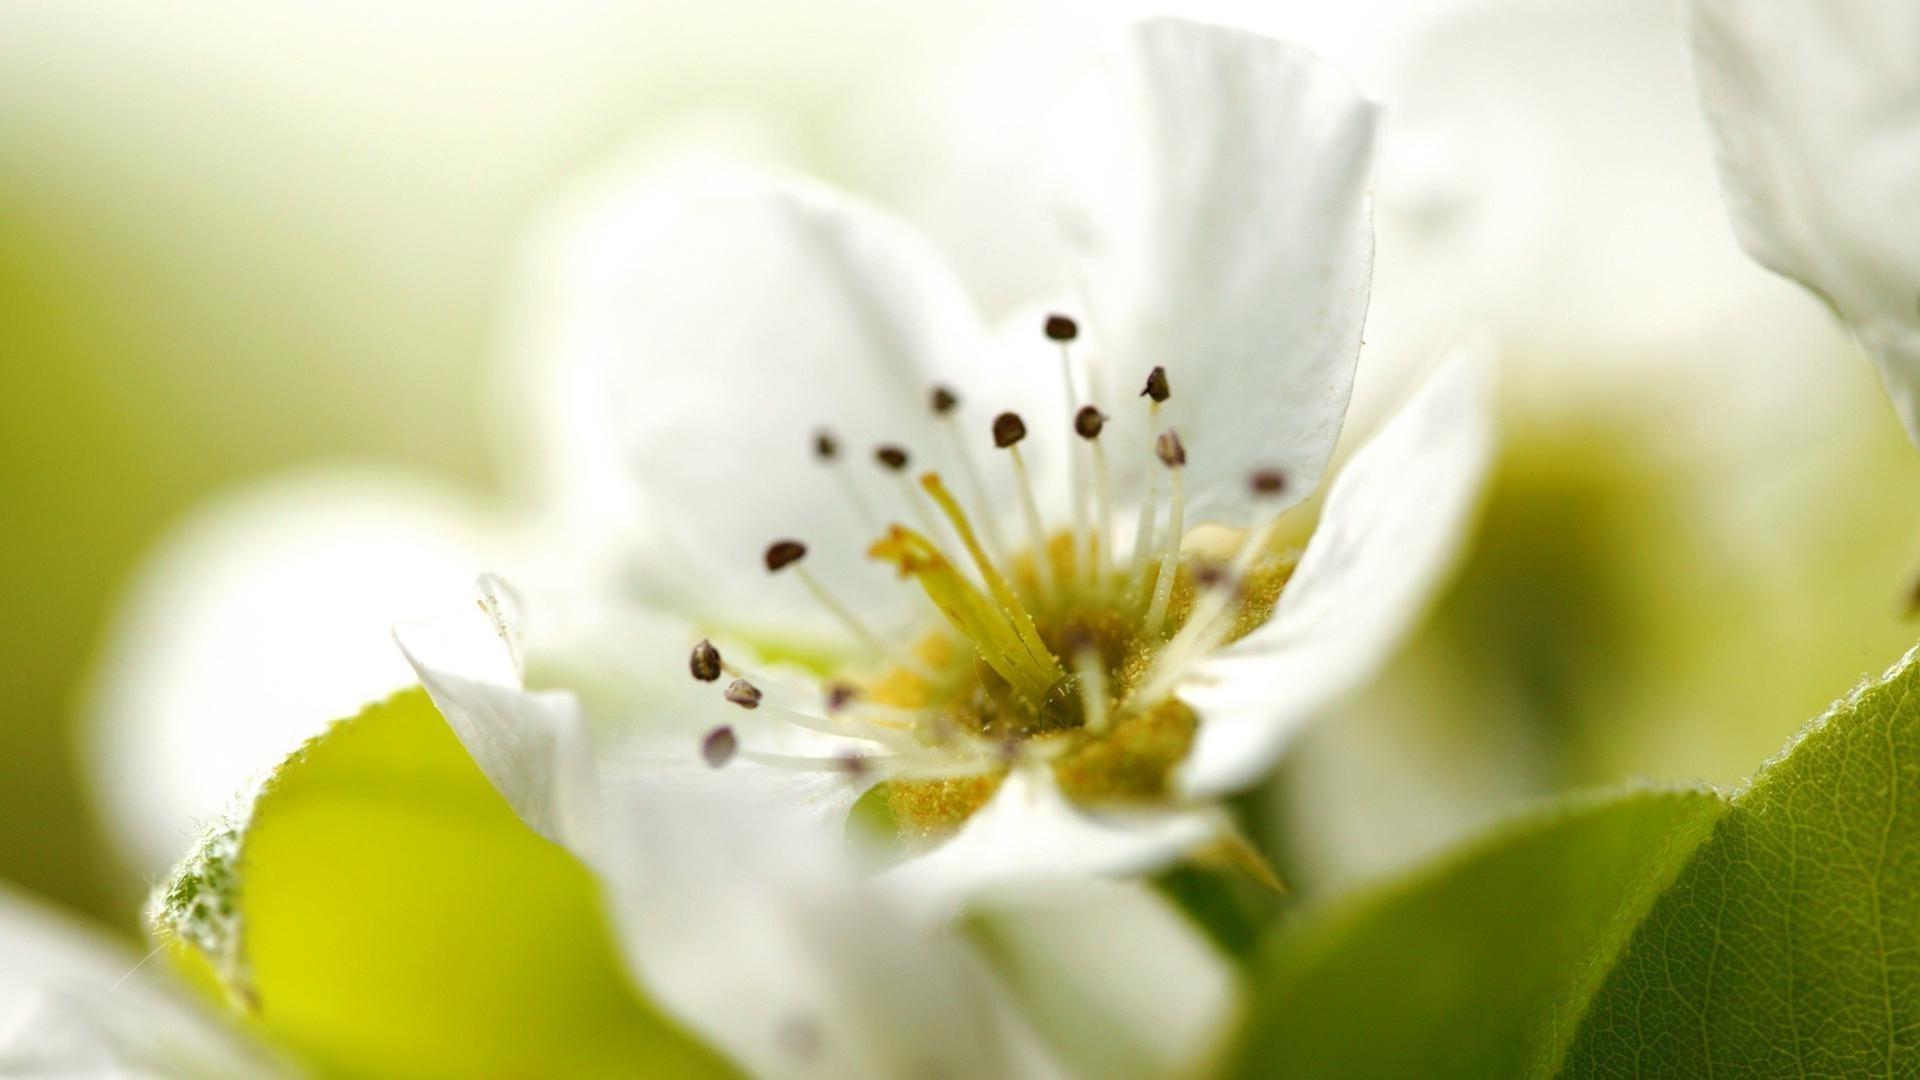 белые цветы на зеленом фоне фото высокого разрешения индустрия